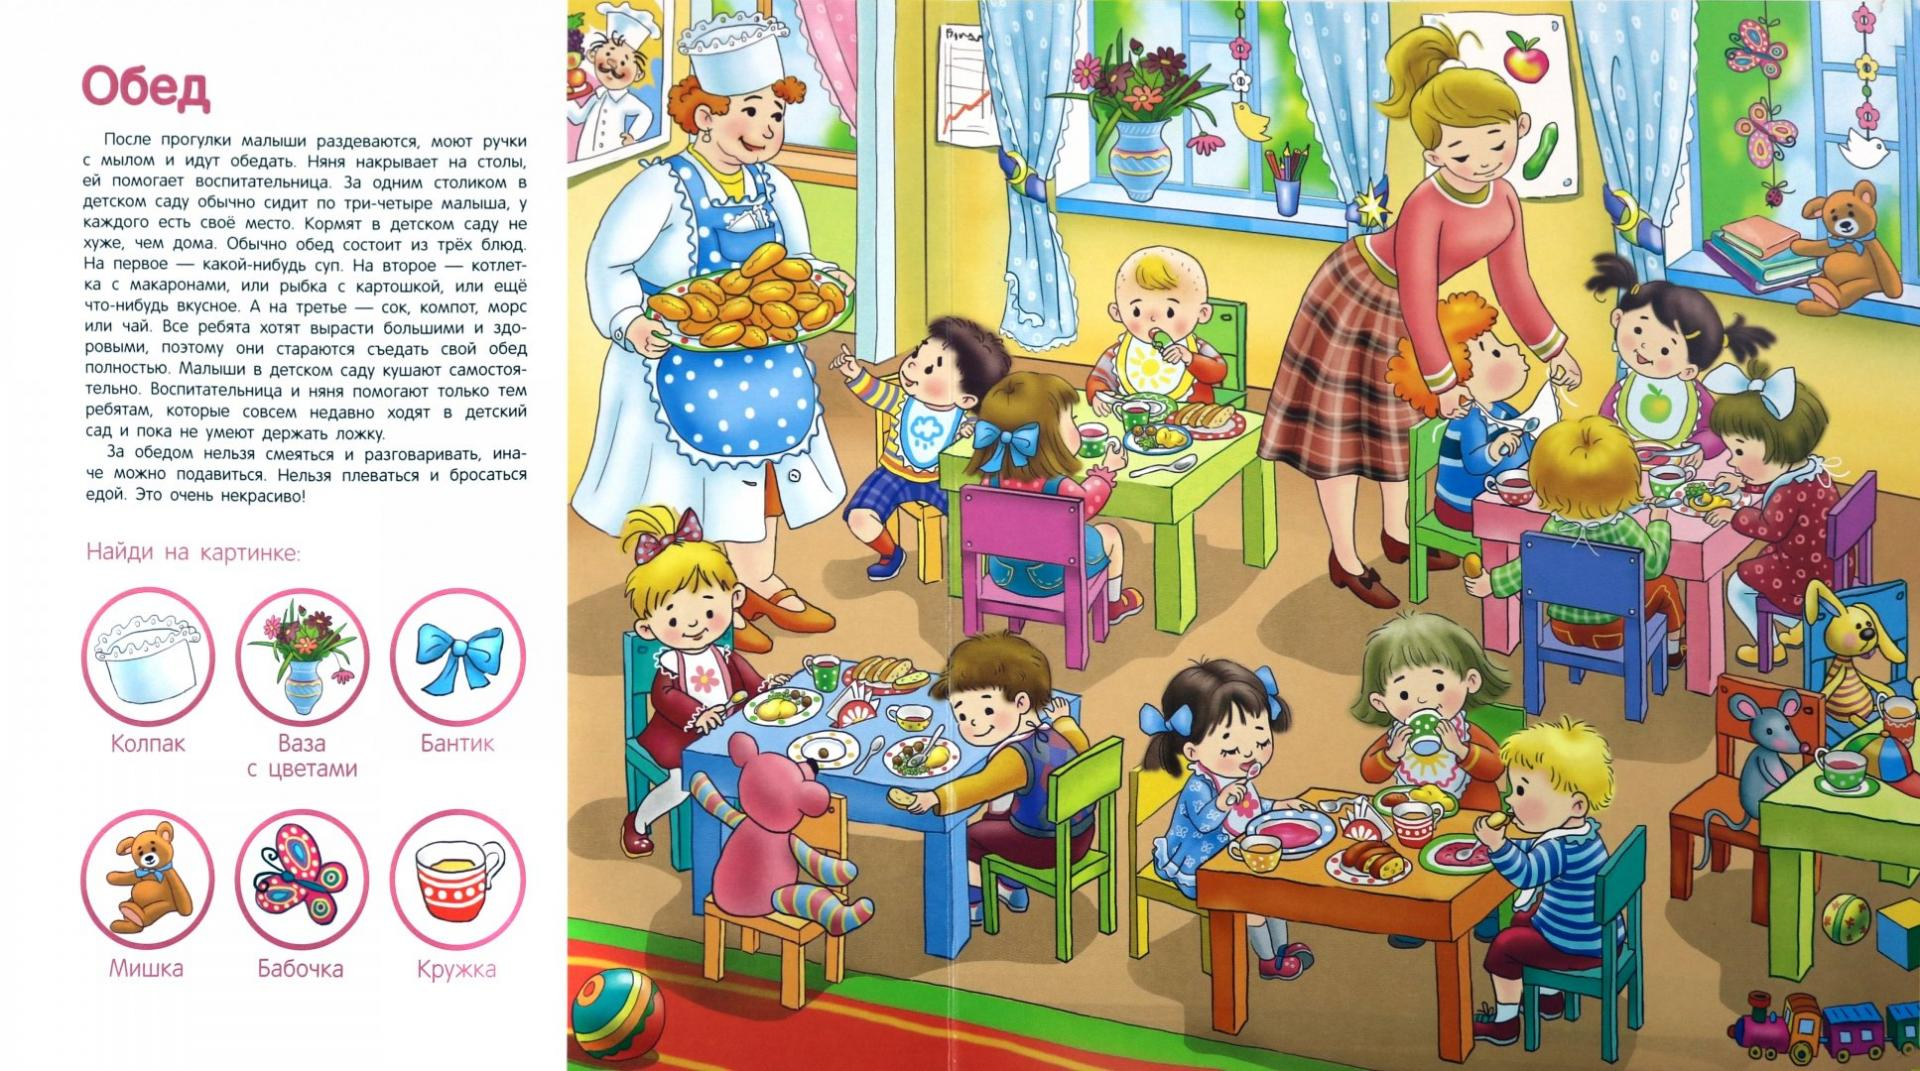 Няня в детском саду картинка